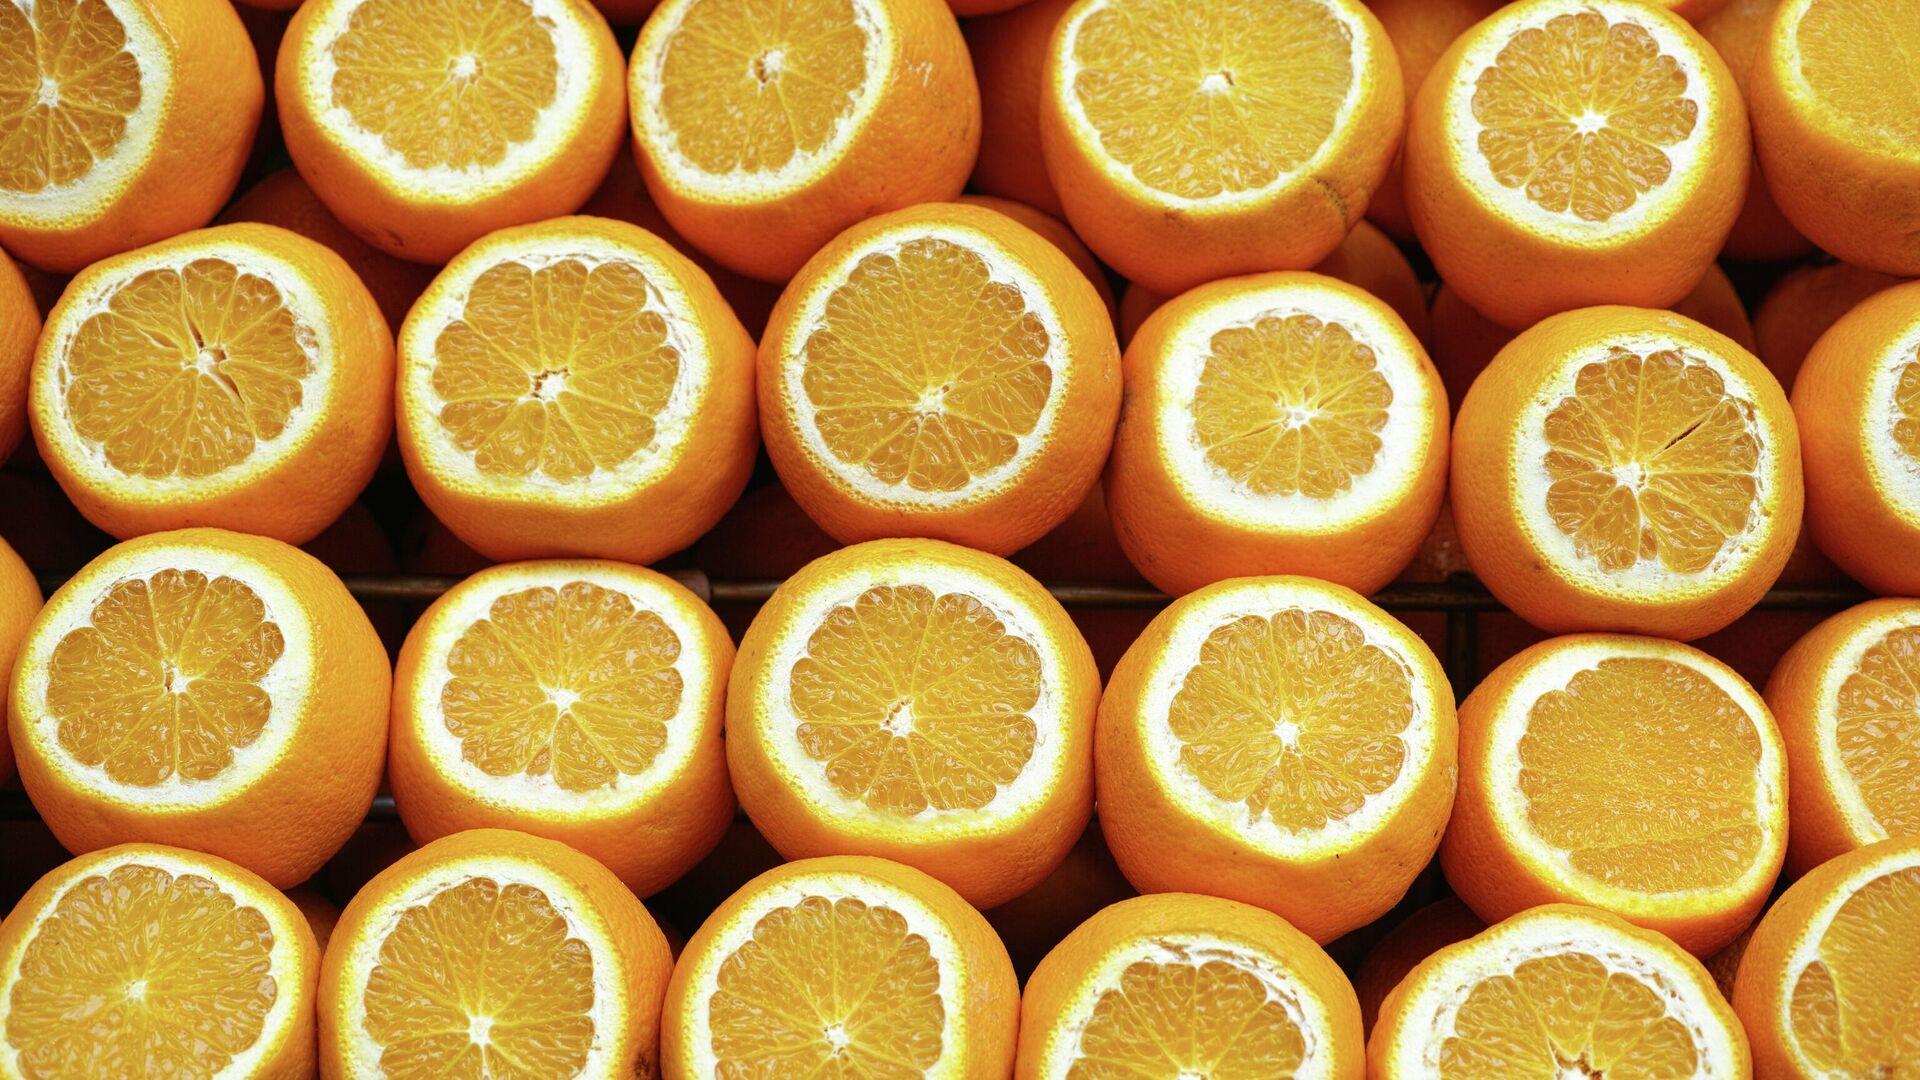 Unas naranjas - Sputnik Mundo, 1920, 02.03.2021